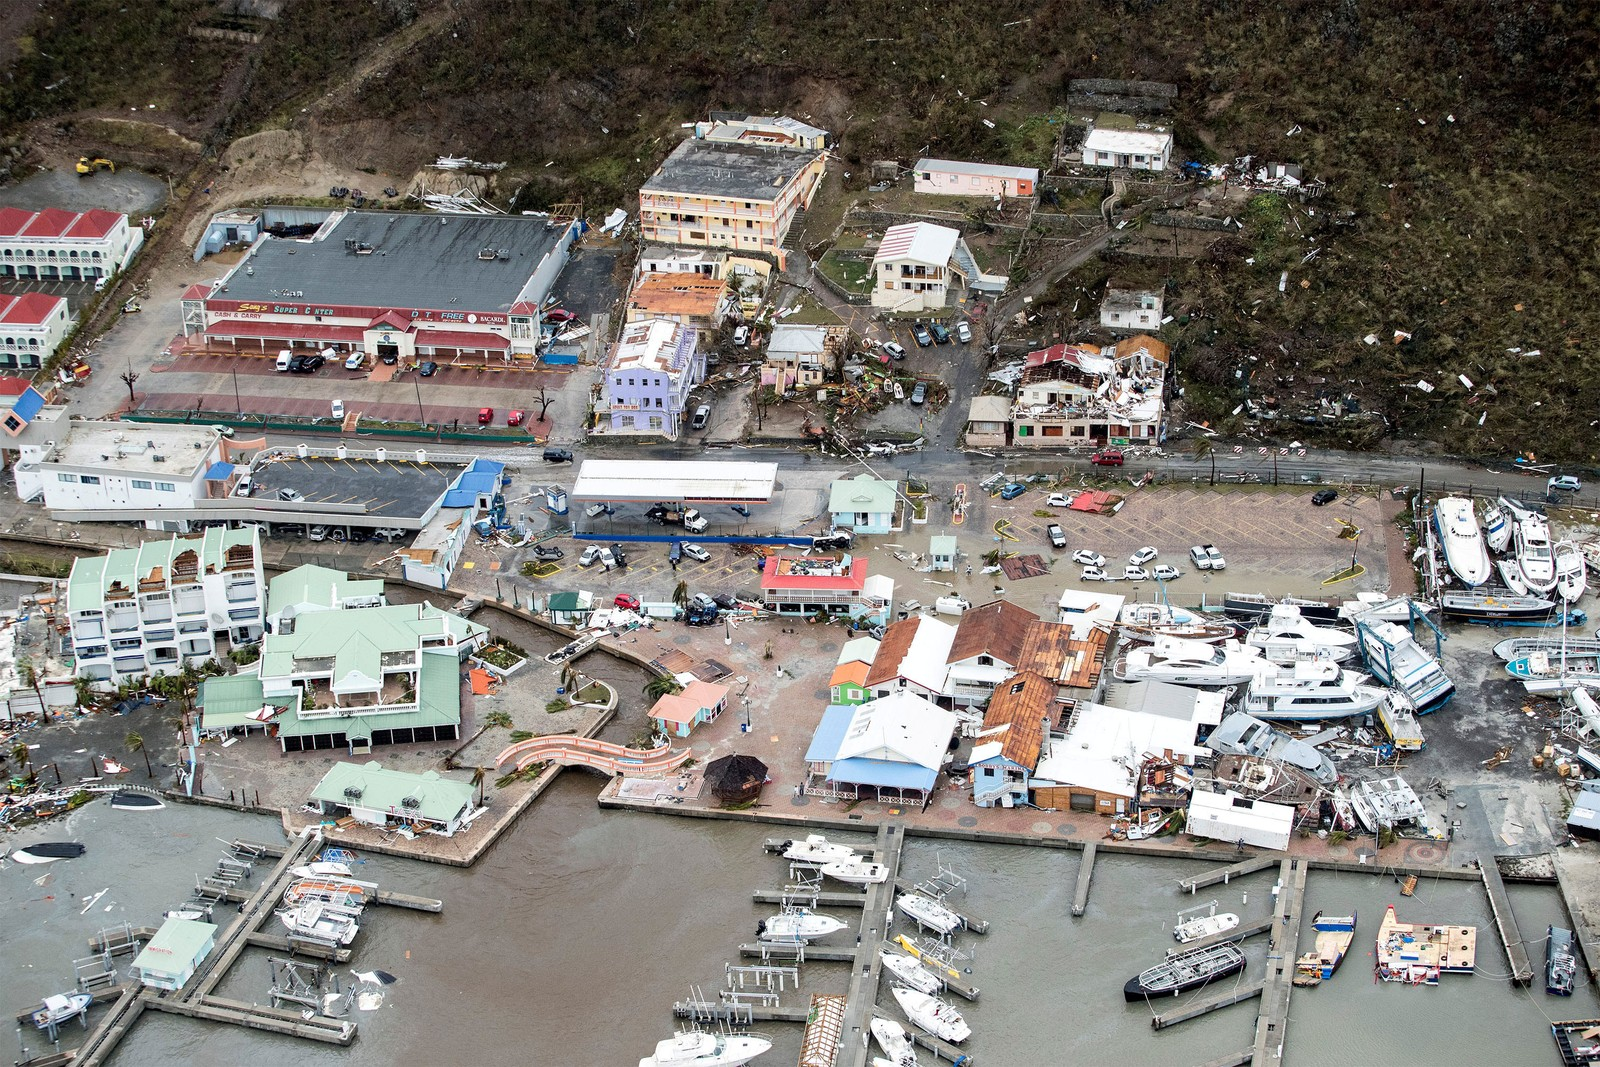 Irma e San Martín: O desastre vai muito além do furacão – No fio da navalha Ep.20